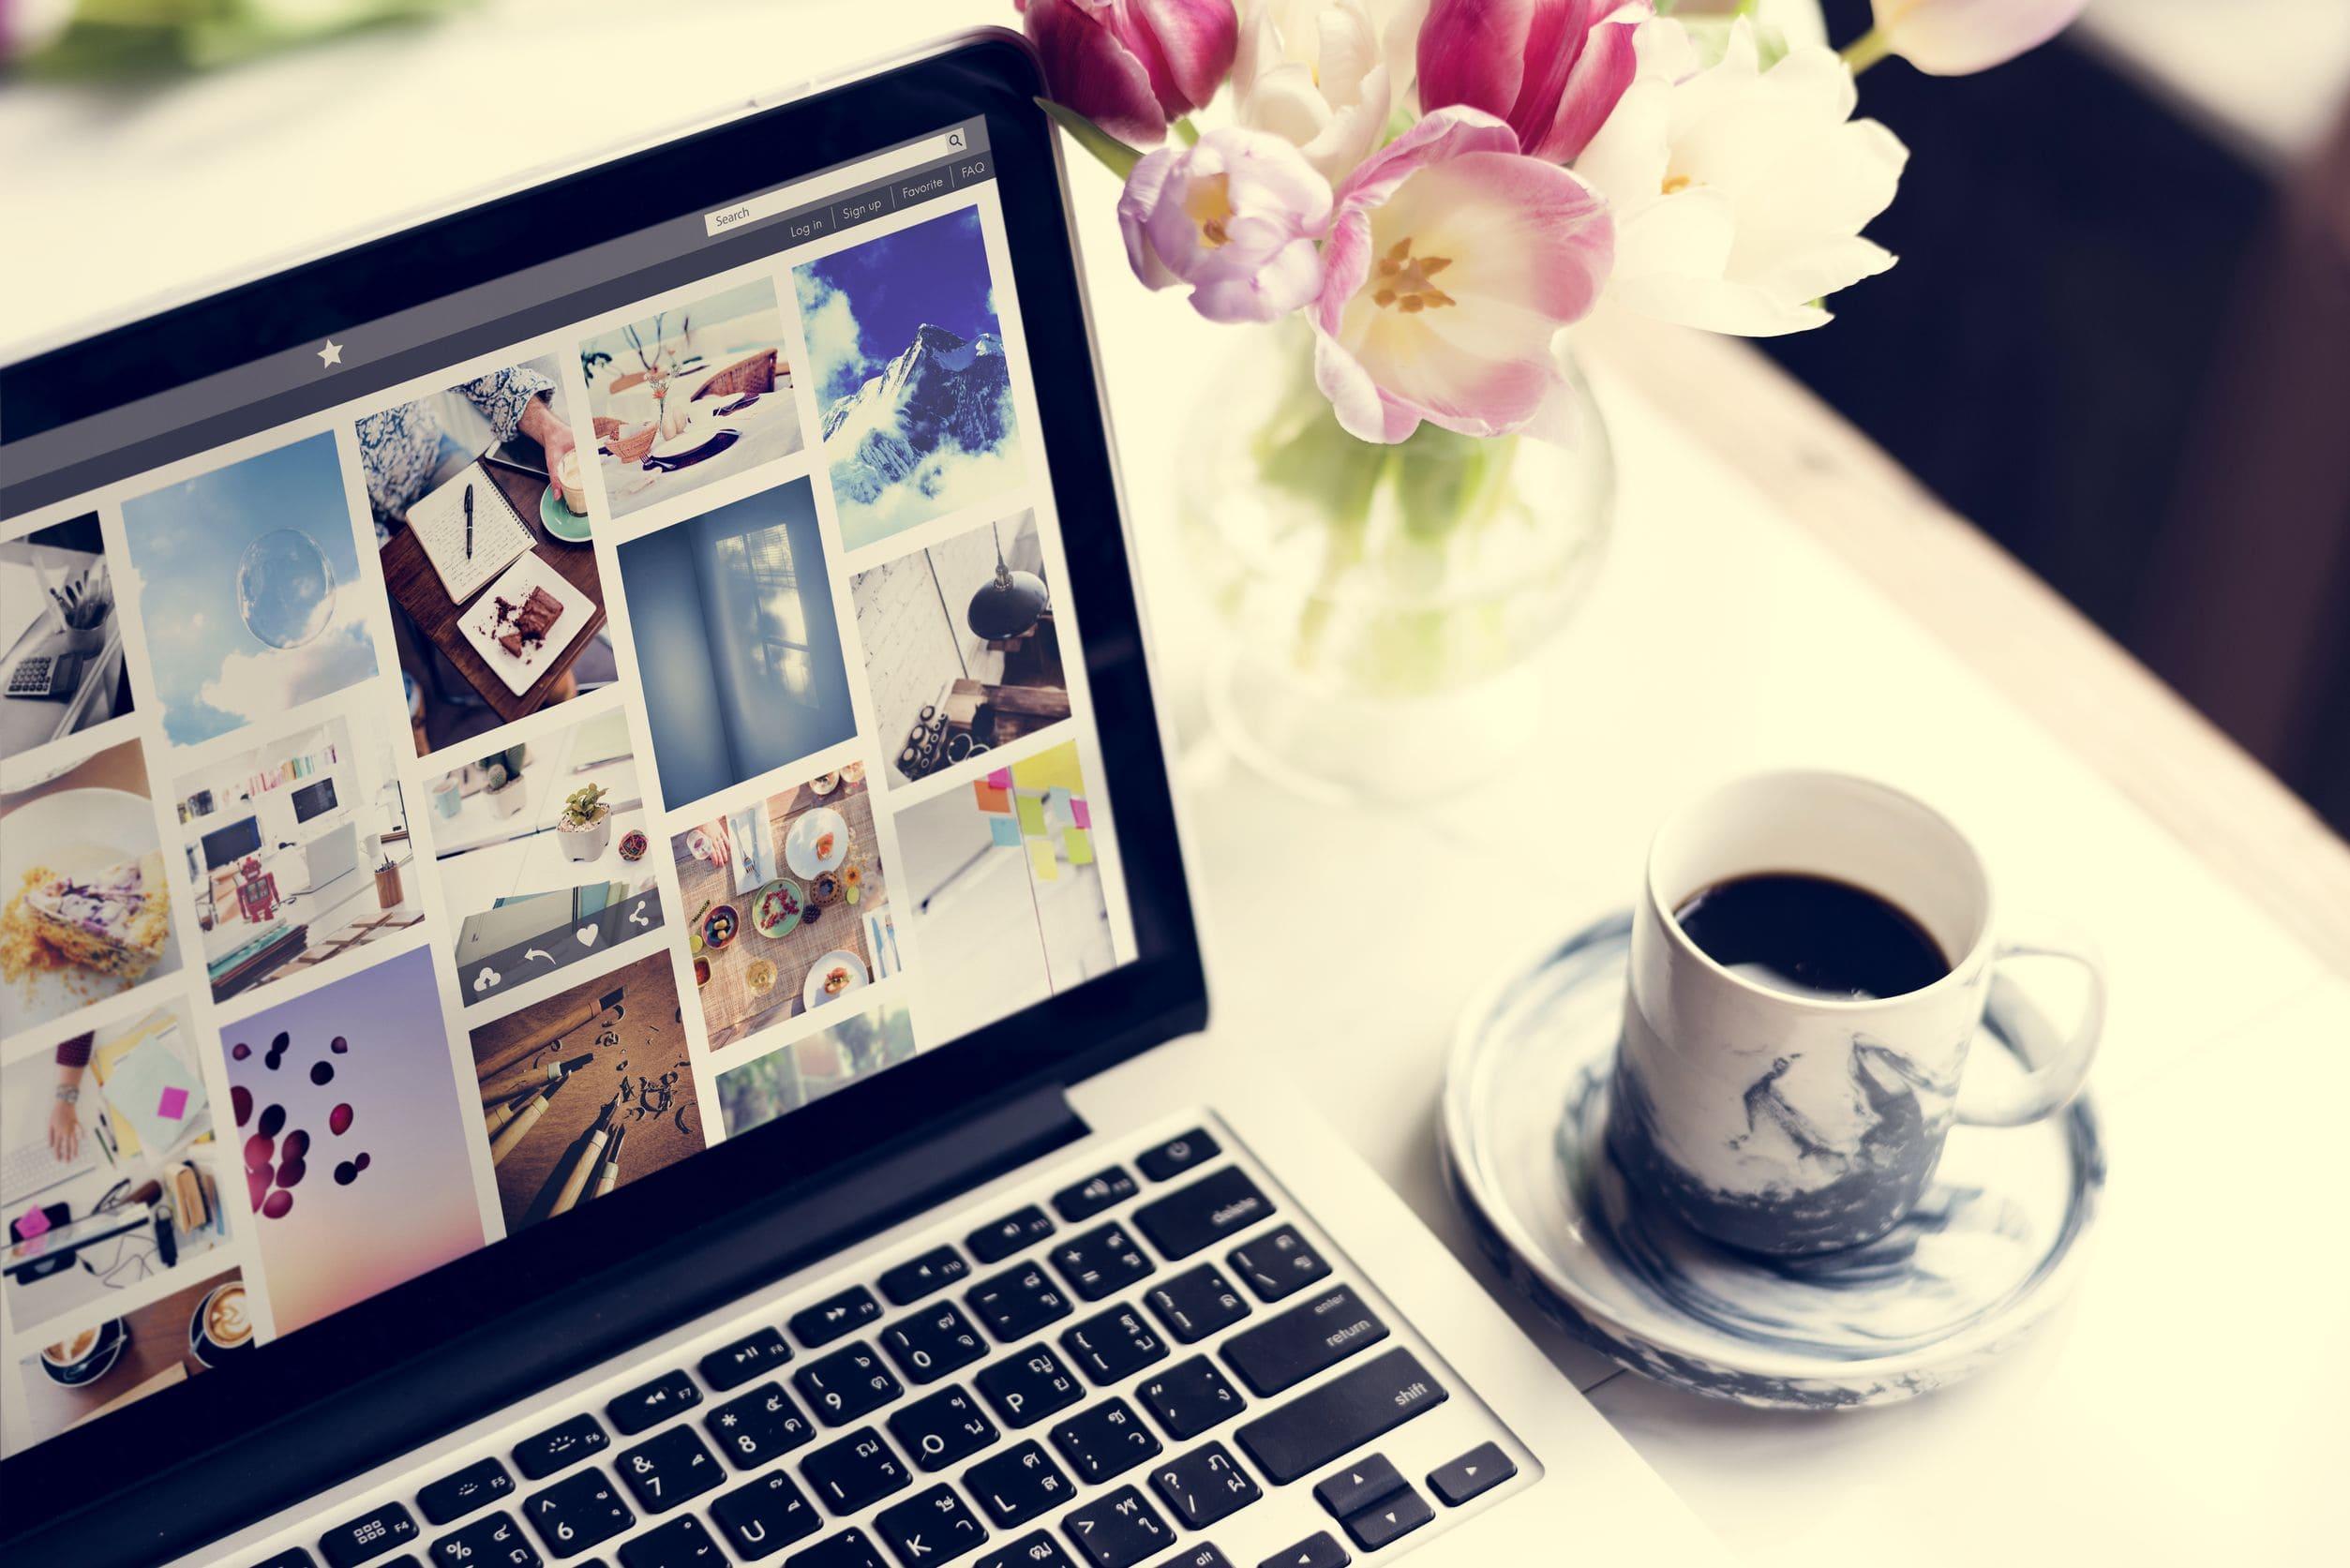 Vorteile von Online-Fotogalerien